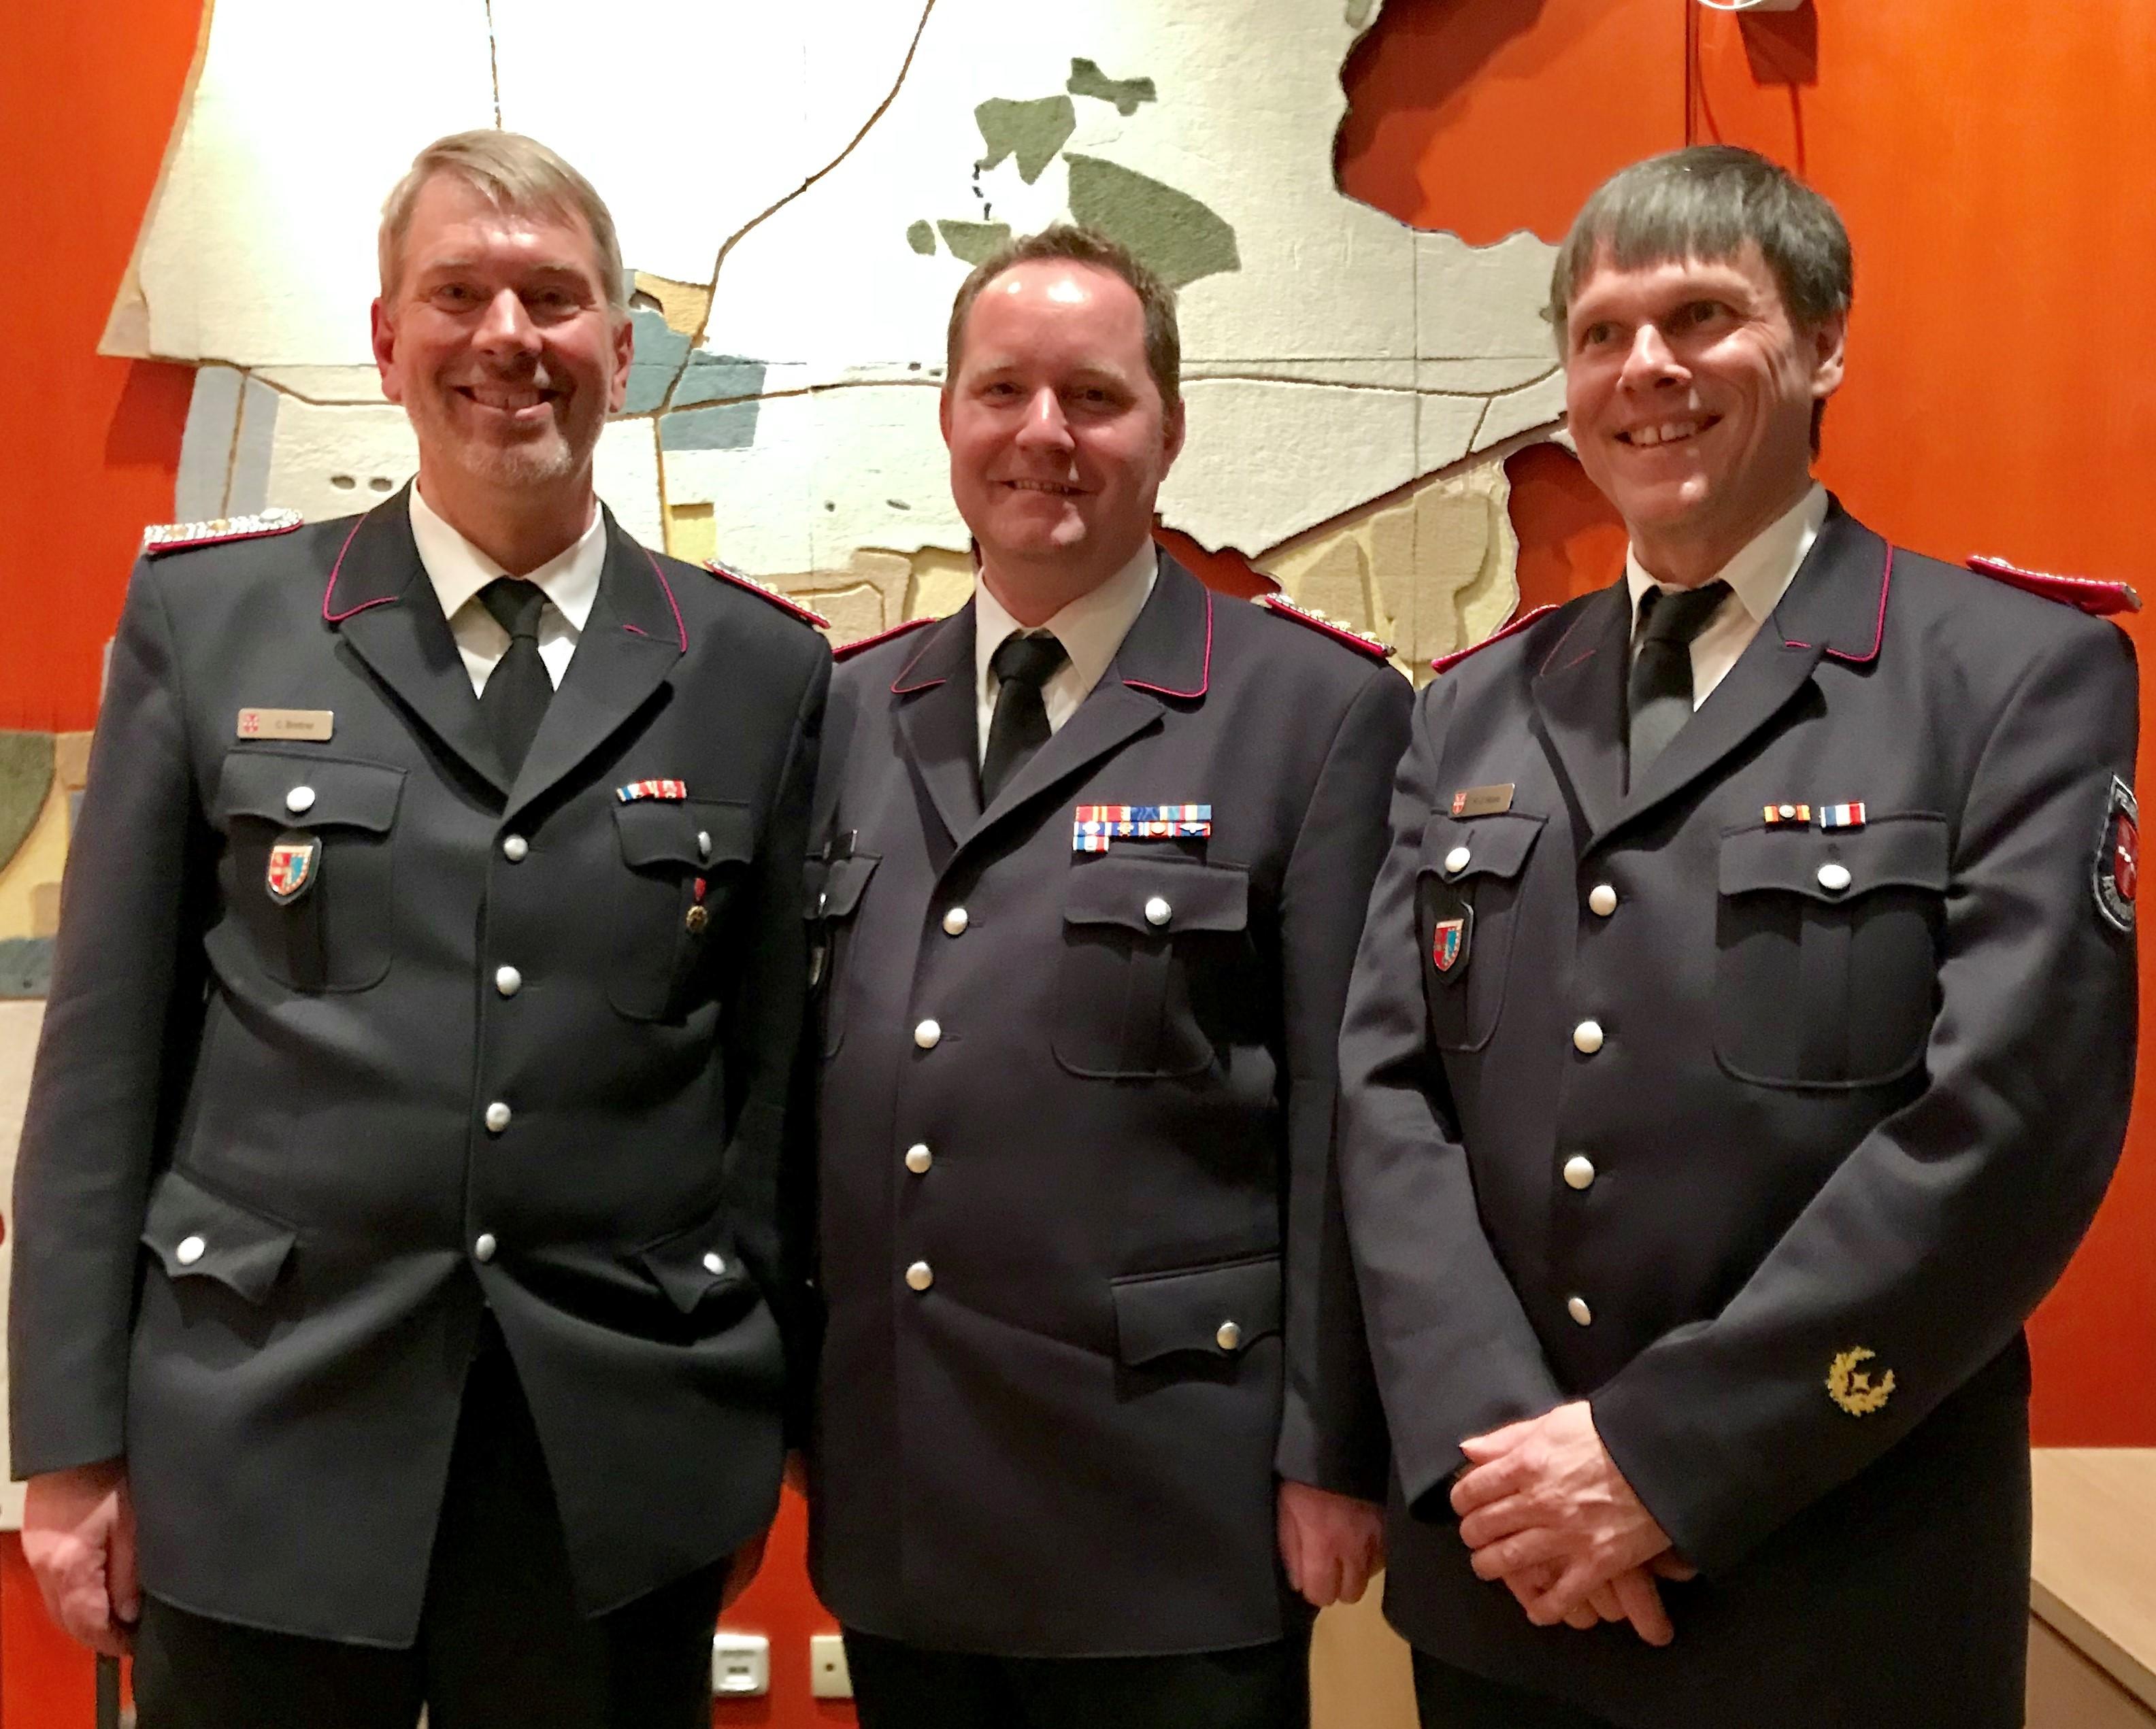 Die neue Führung Gemeindewehrführer Selke (mitte), 1. Stellvertreter Brettner (links), und 2. Stellvertreter Haase (rechts)